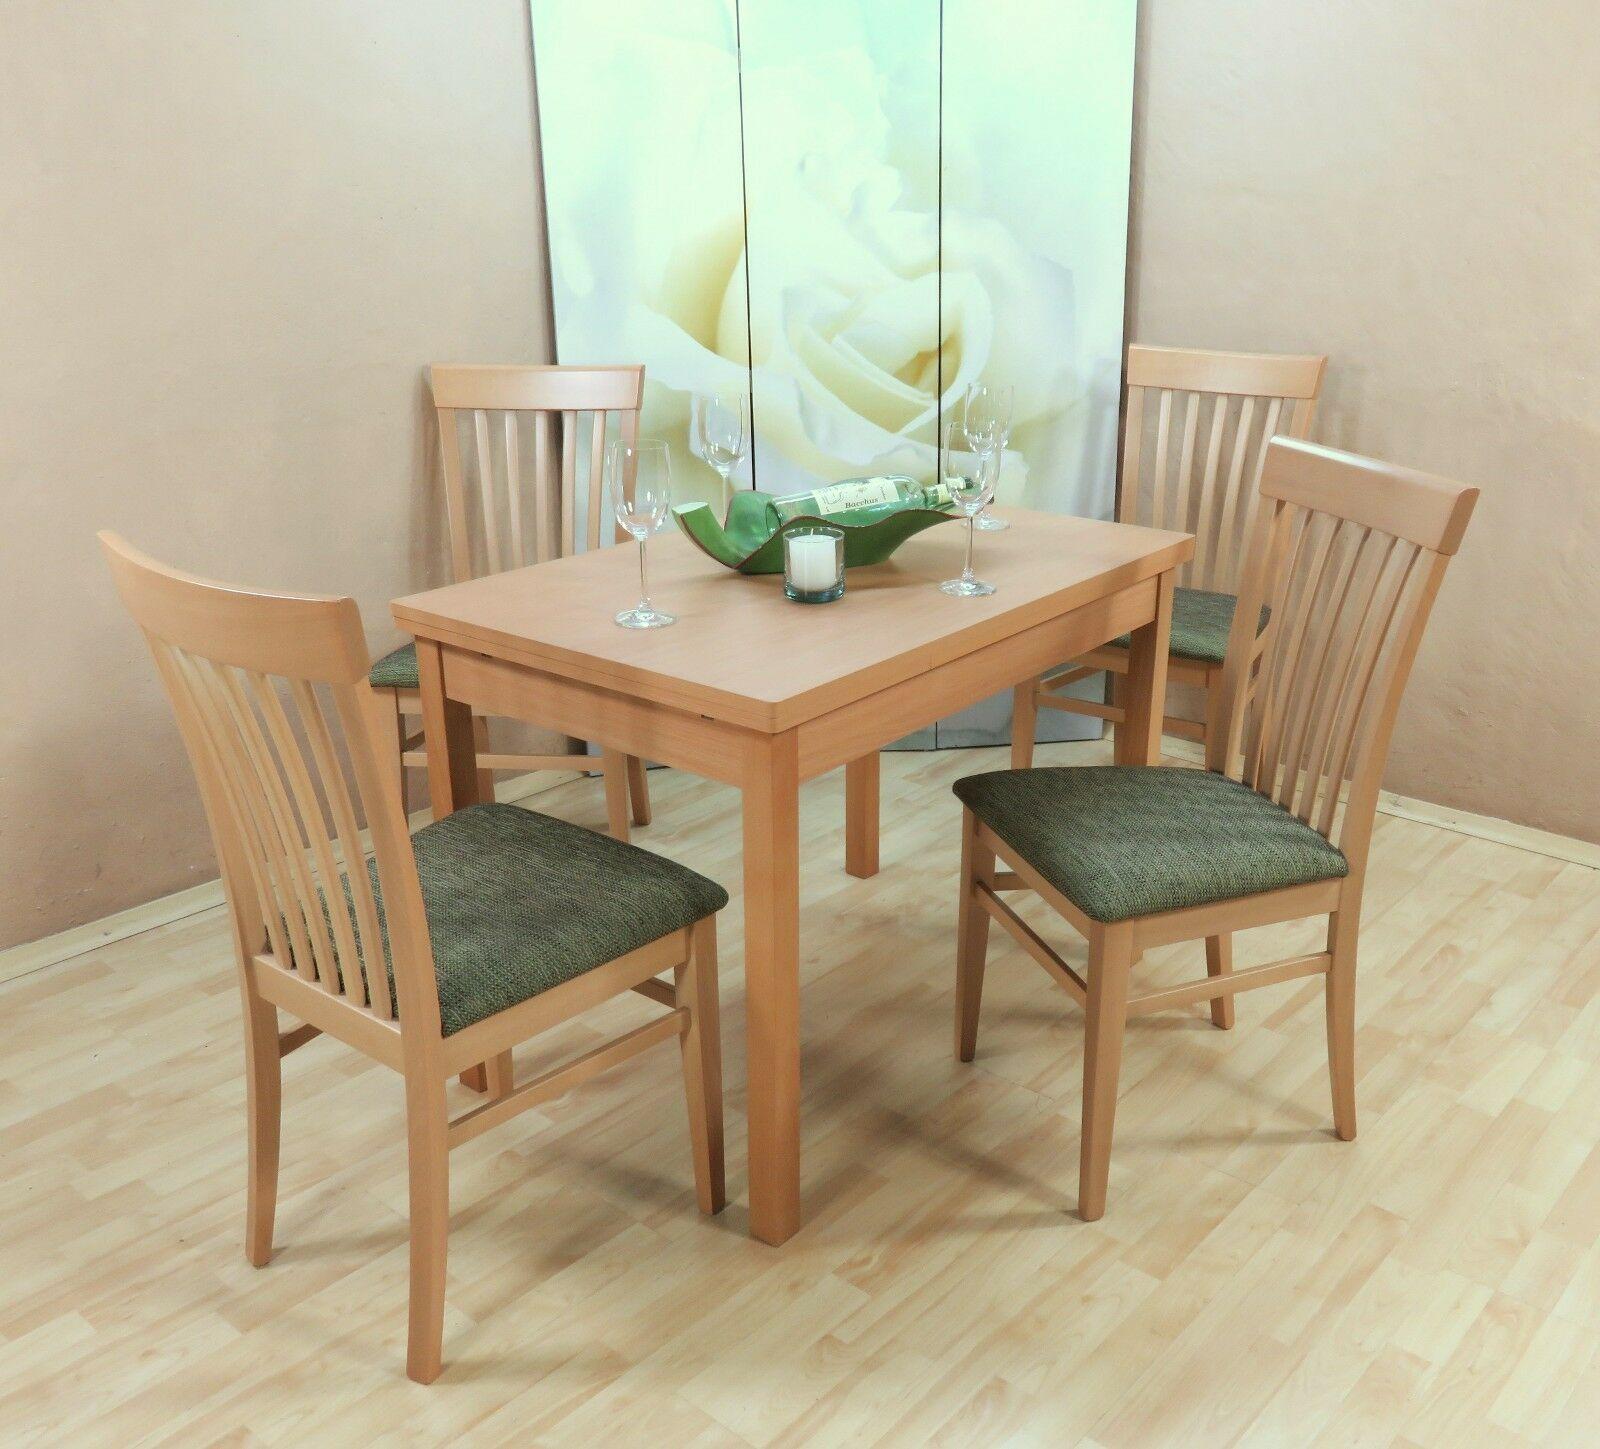 Tischgruppe Buche Massiv Natur Olive Essgruppe 4 X Stühle Esstisch